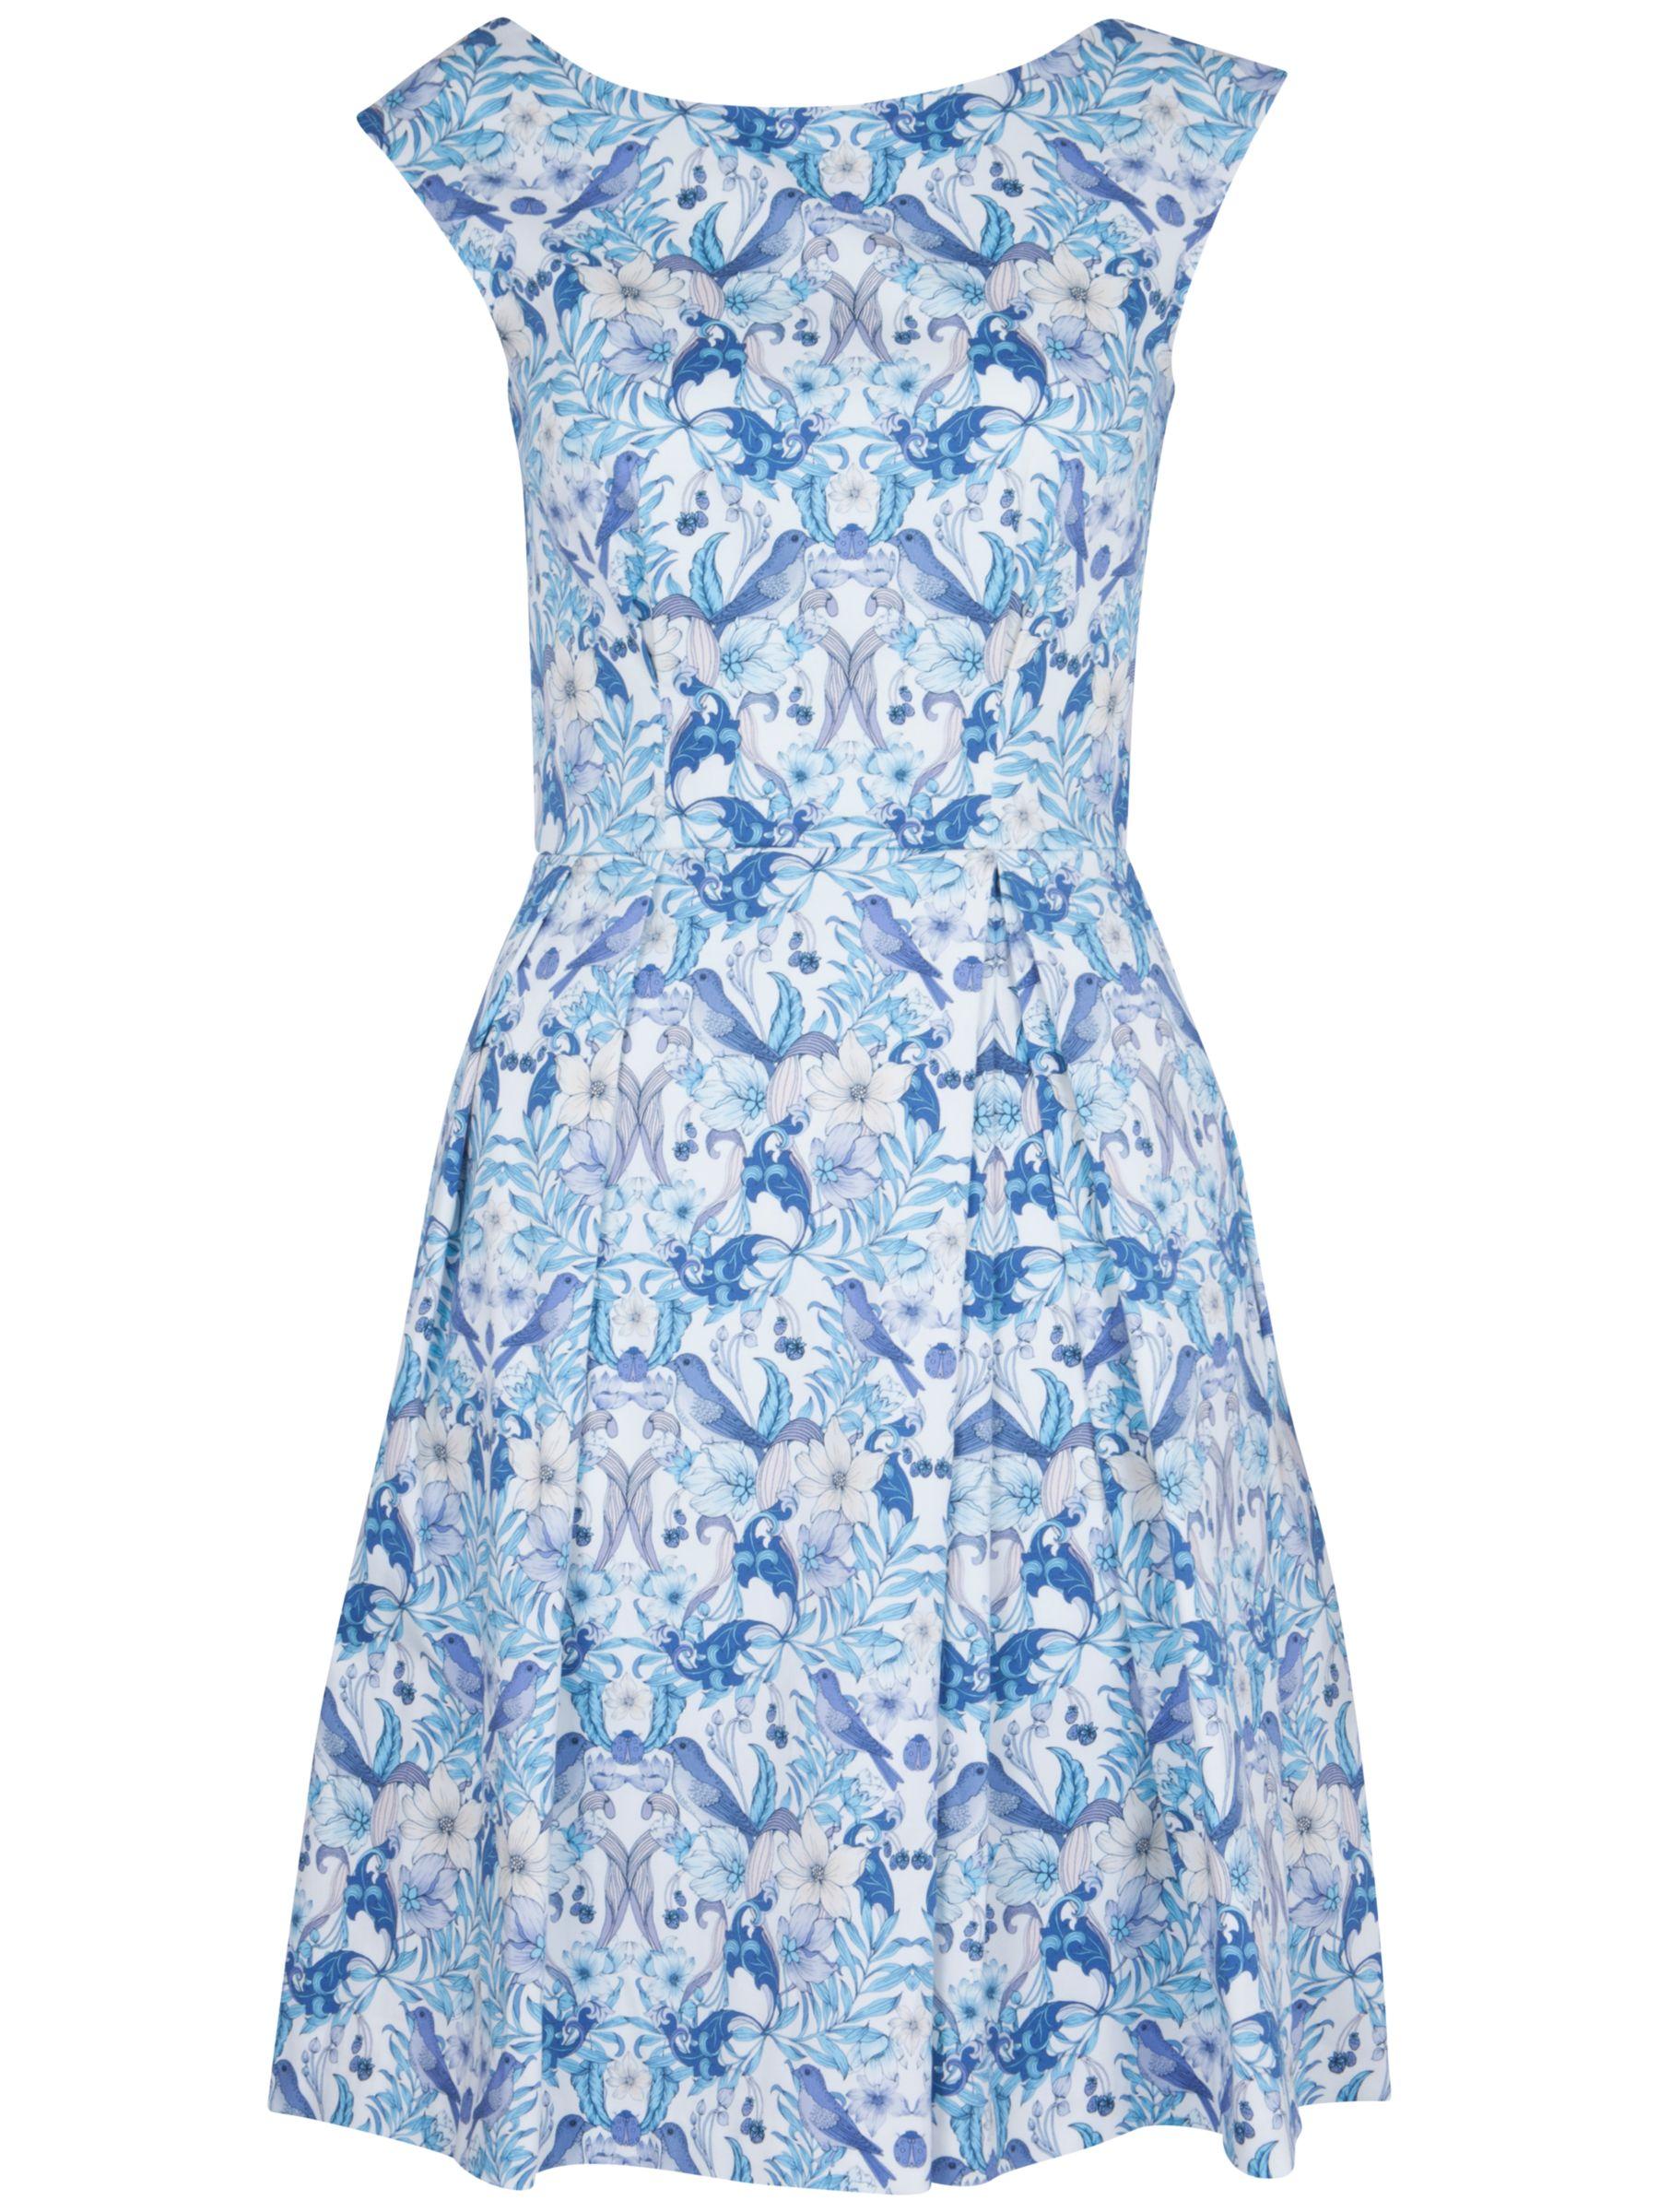 closet strawberry print v-back dress lilac, closet, strawberry, print, v-back, dress, lilac, 14 12 16 10 8, women, womens dresses, 1559181